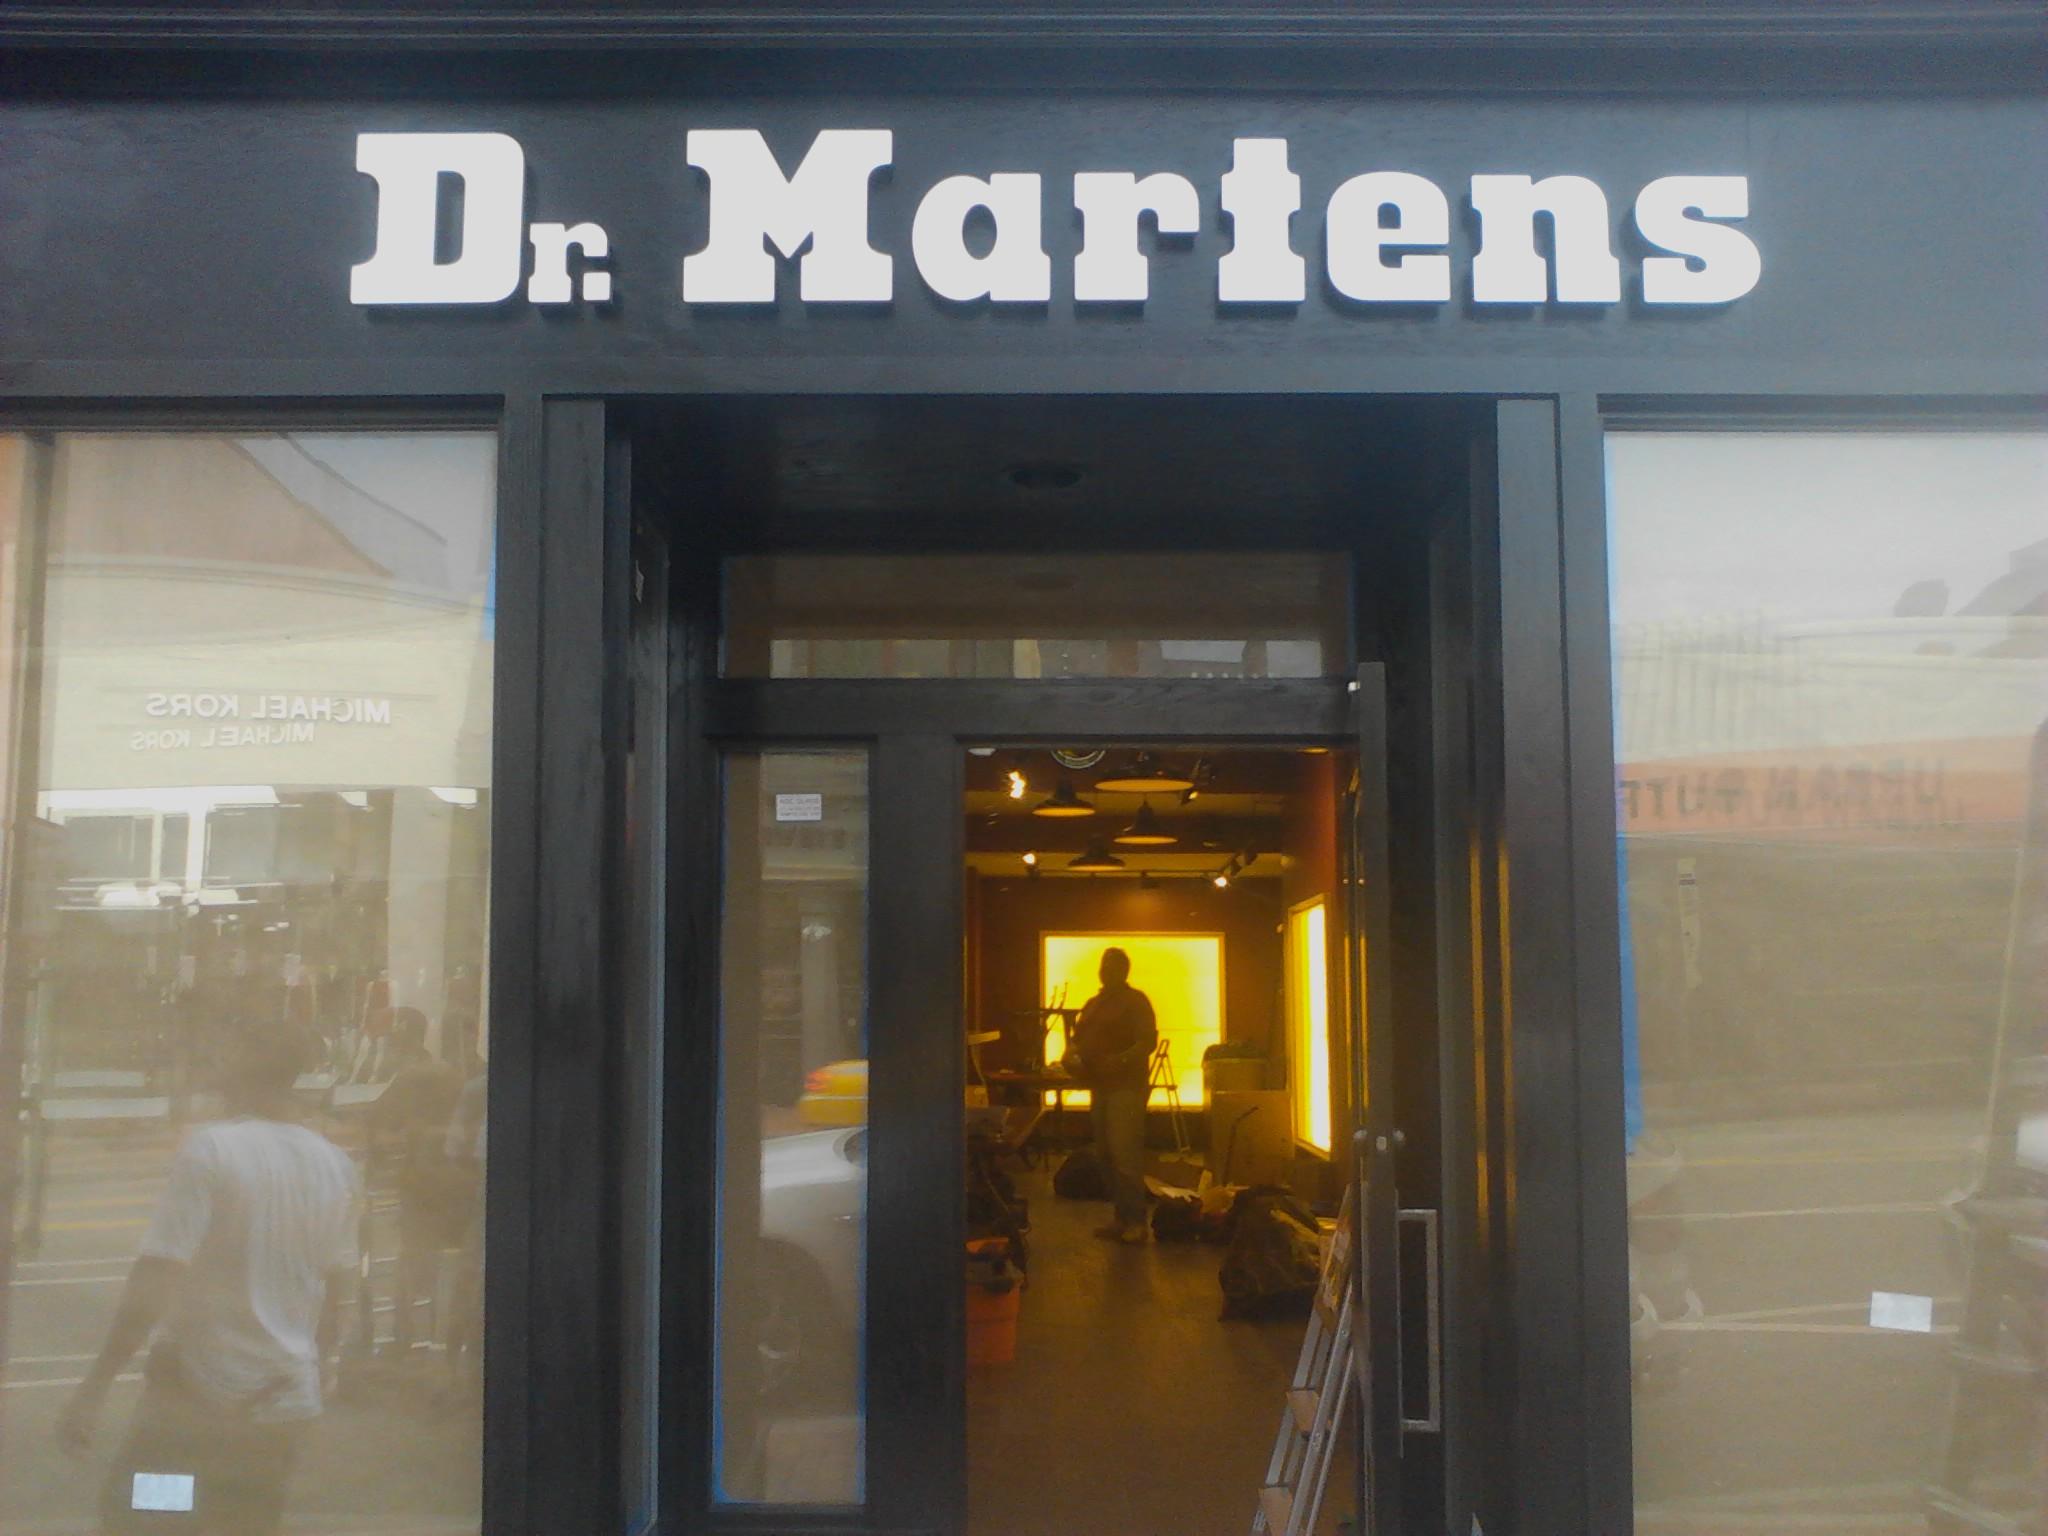 Dr. Martens Exterior